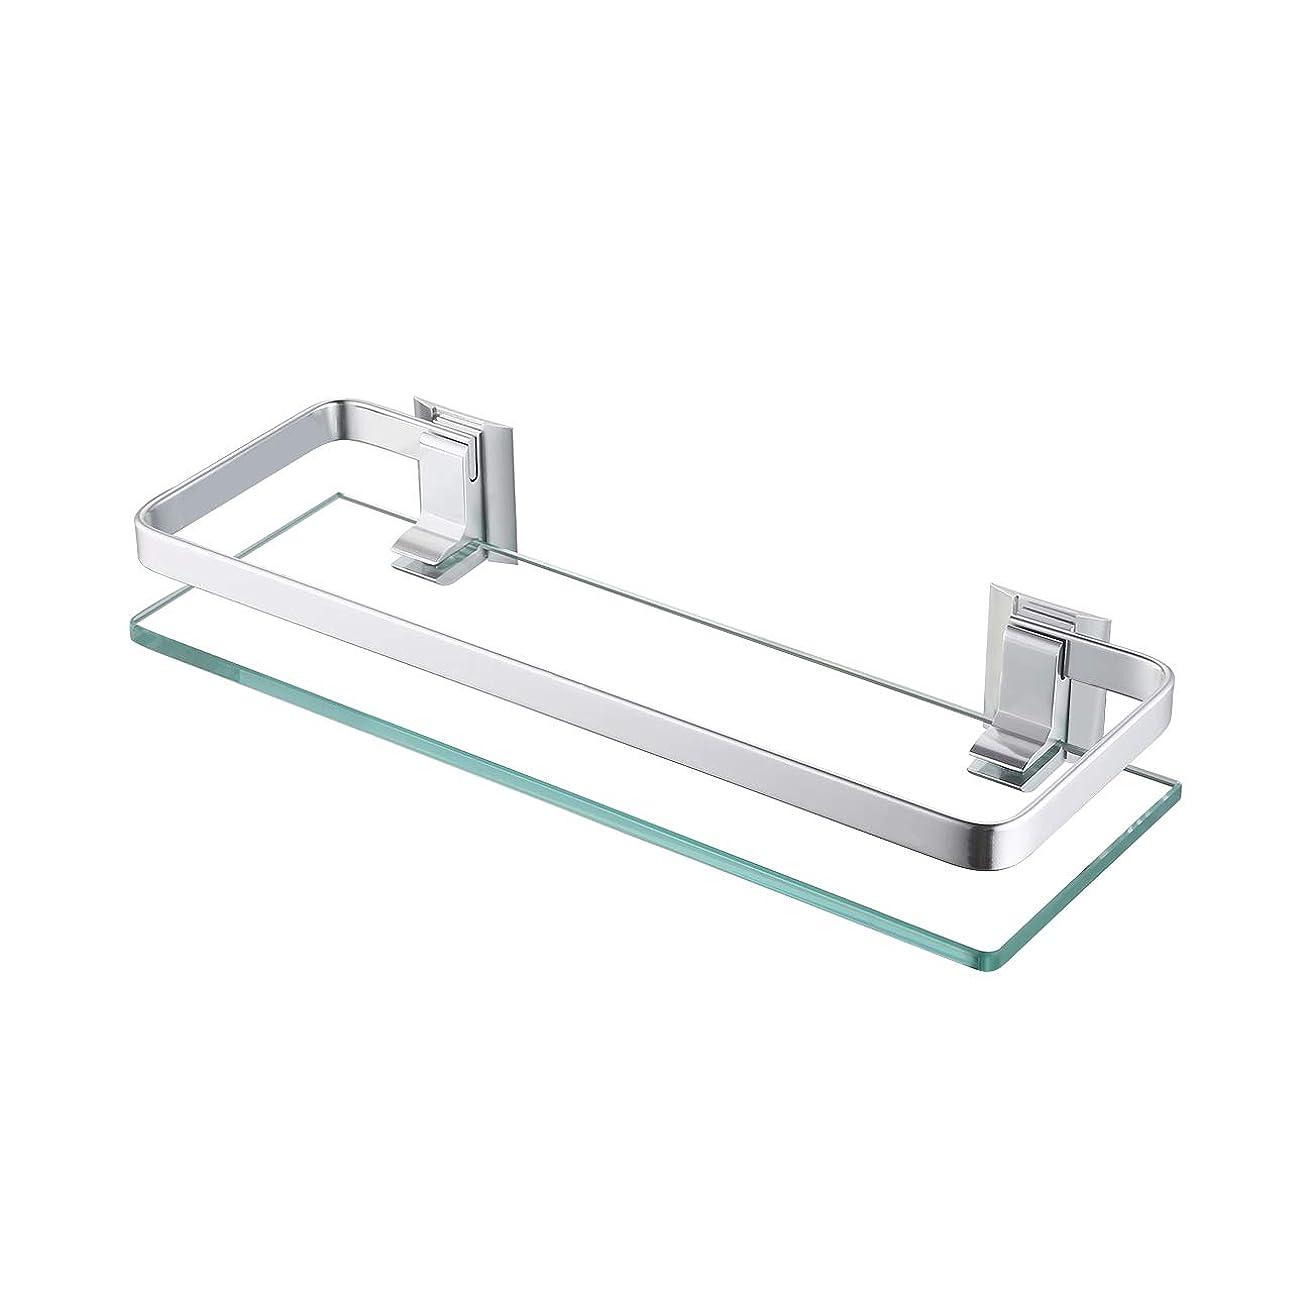 バースバッジ栄光のKES A4126A アルミニウム浴室ガラス長方形棚壁取り付け、銀砂吹付仕上げ 並行輸入品